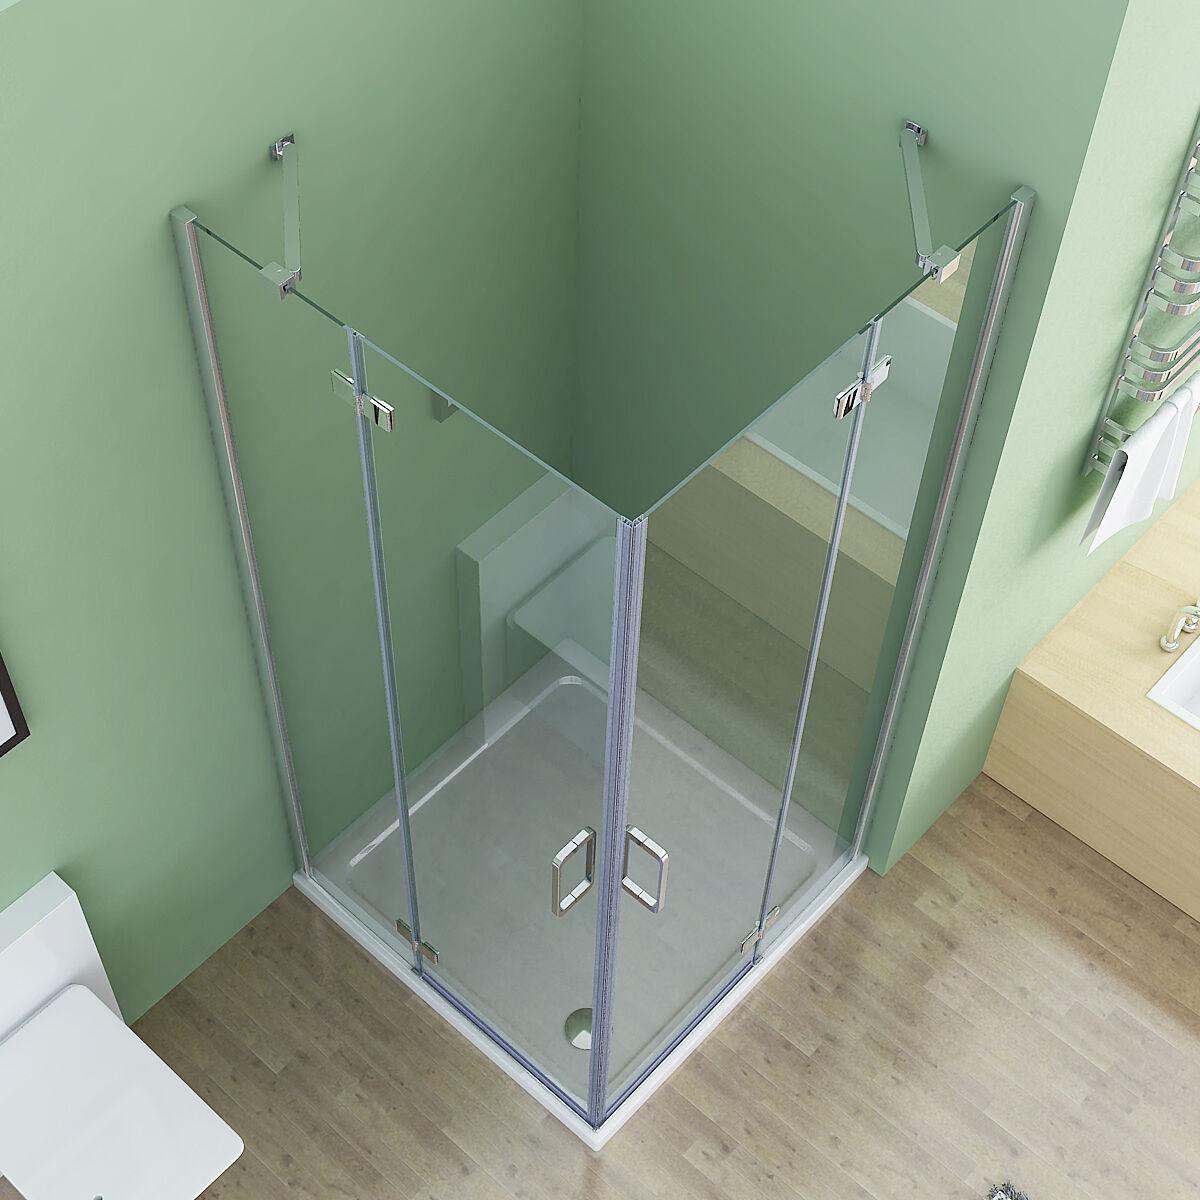 75 x 75 cm duschkabine eckeinstieg duschabtrennung dusche duschwand echtglas 195 ebay. Black Bedroom Furniture Sets. Home Design Ideas